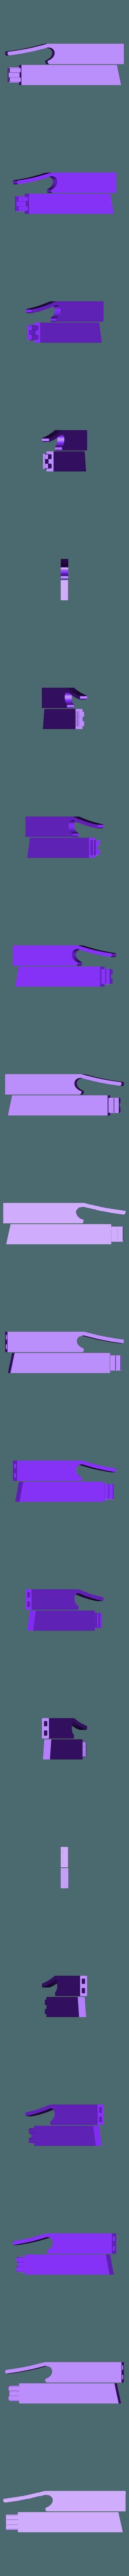 bike_stand.stl Télécharger fichier STL gratuit Support à vélo - 2 pièces pour utilisation sur route • Objet à imprimer en 3D, Muzz64